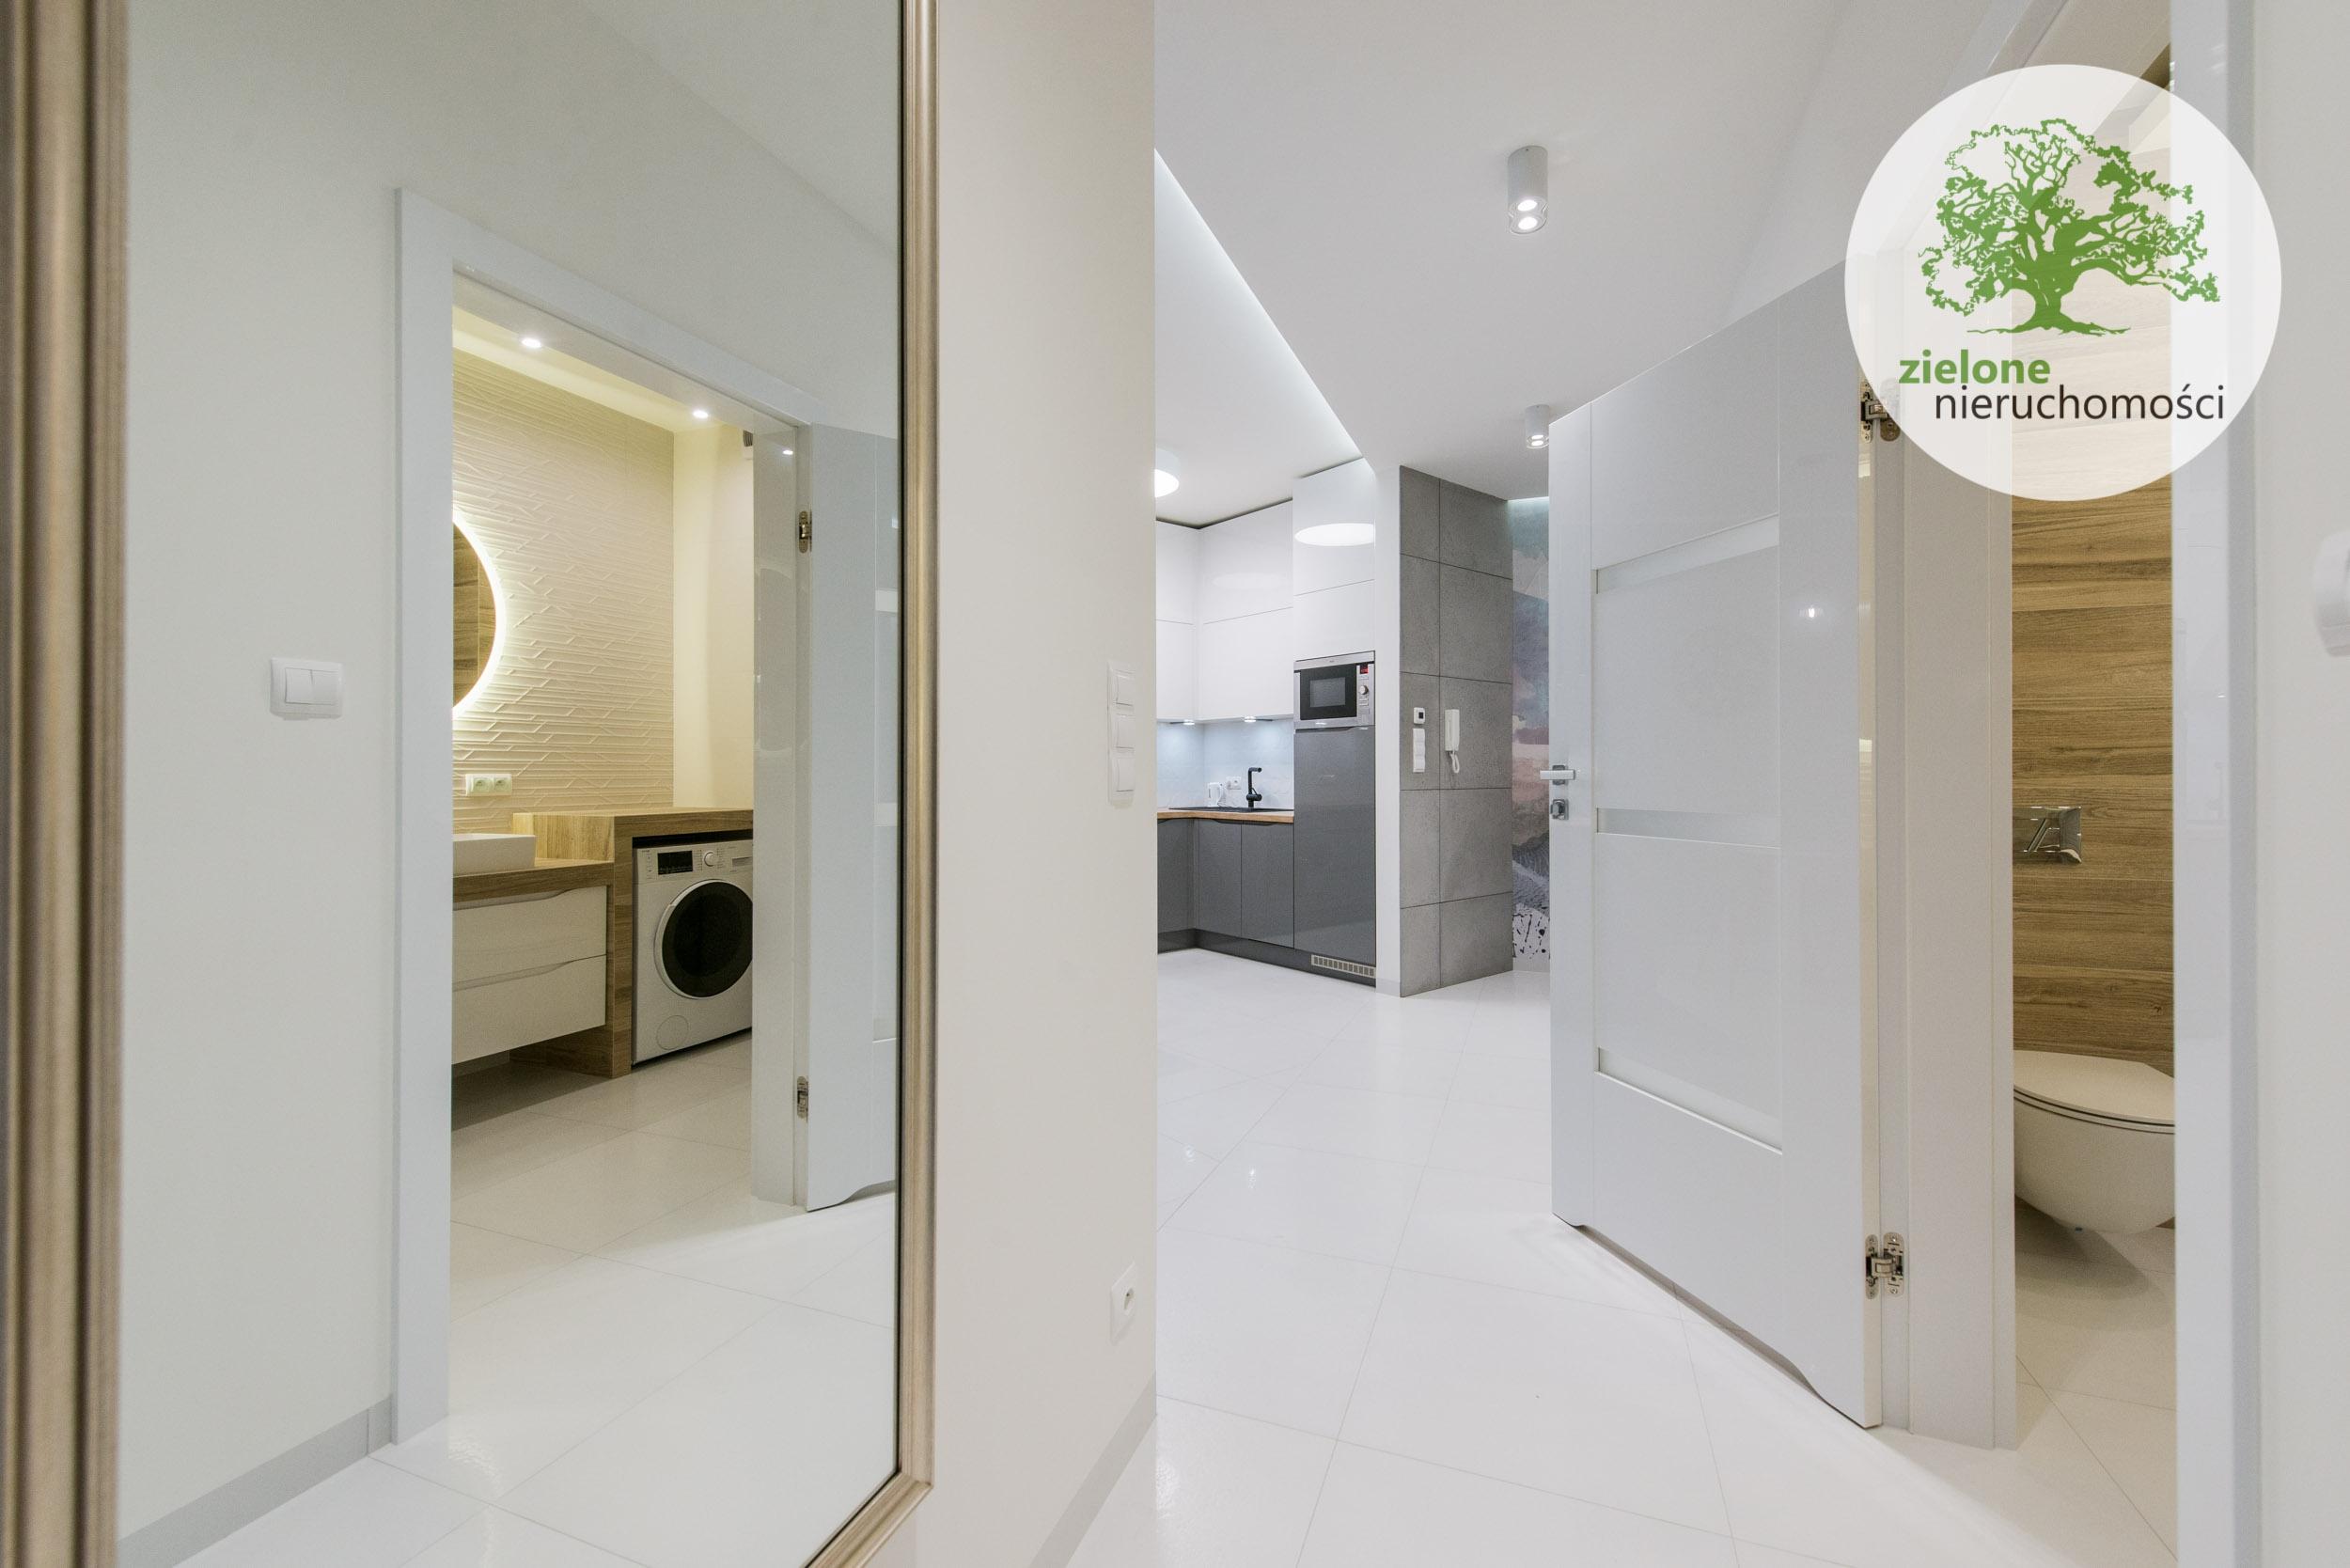 Zdjęcie 21Nowoczesny apartament w pobliżu centrum Bielska - Białej